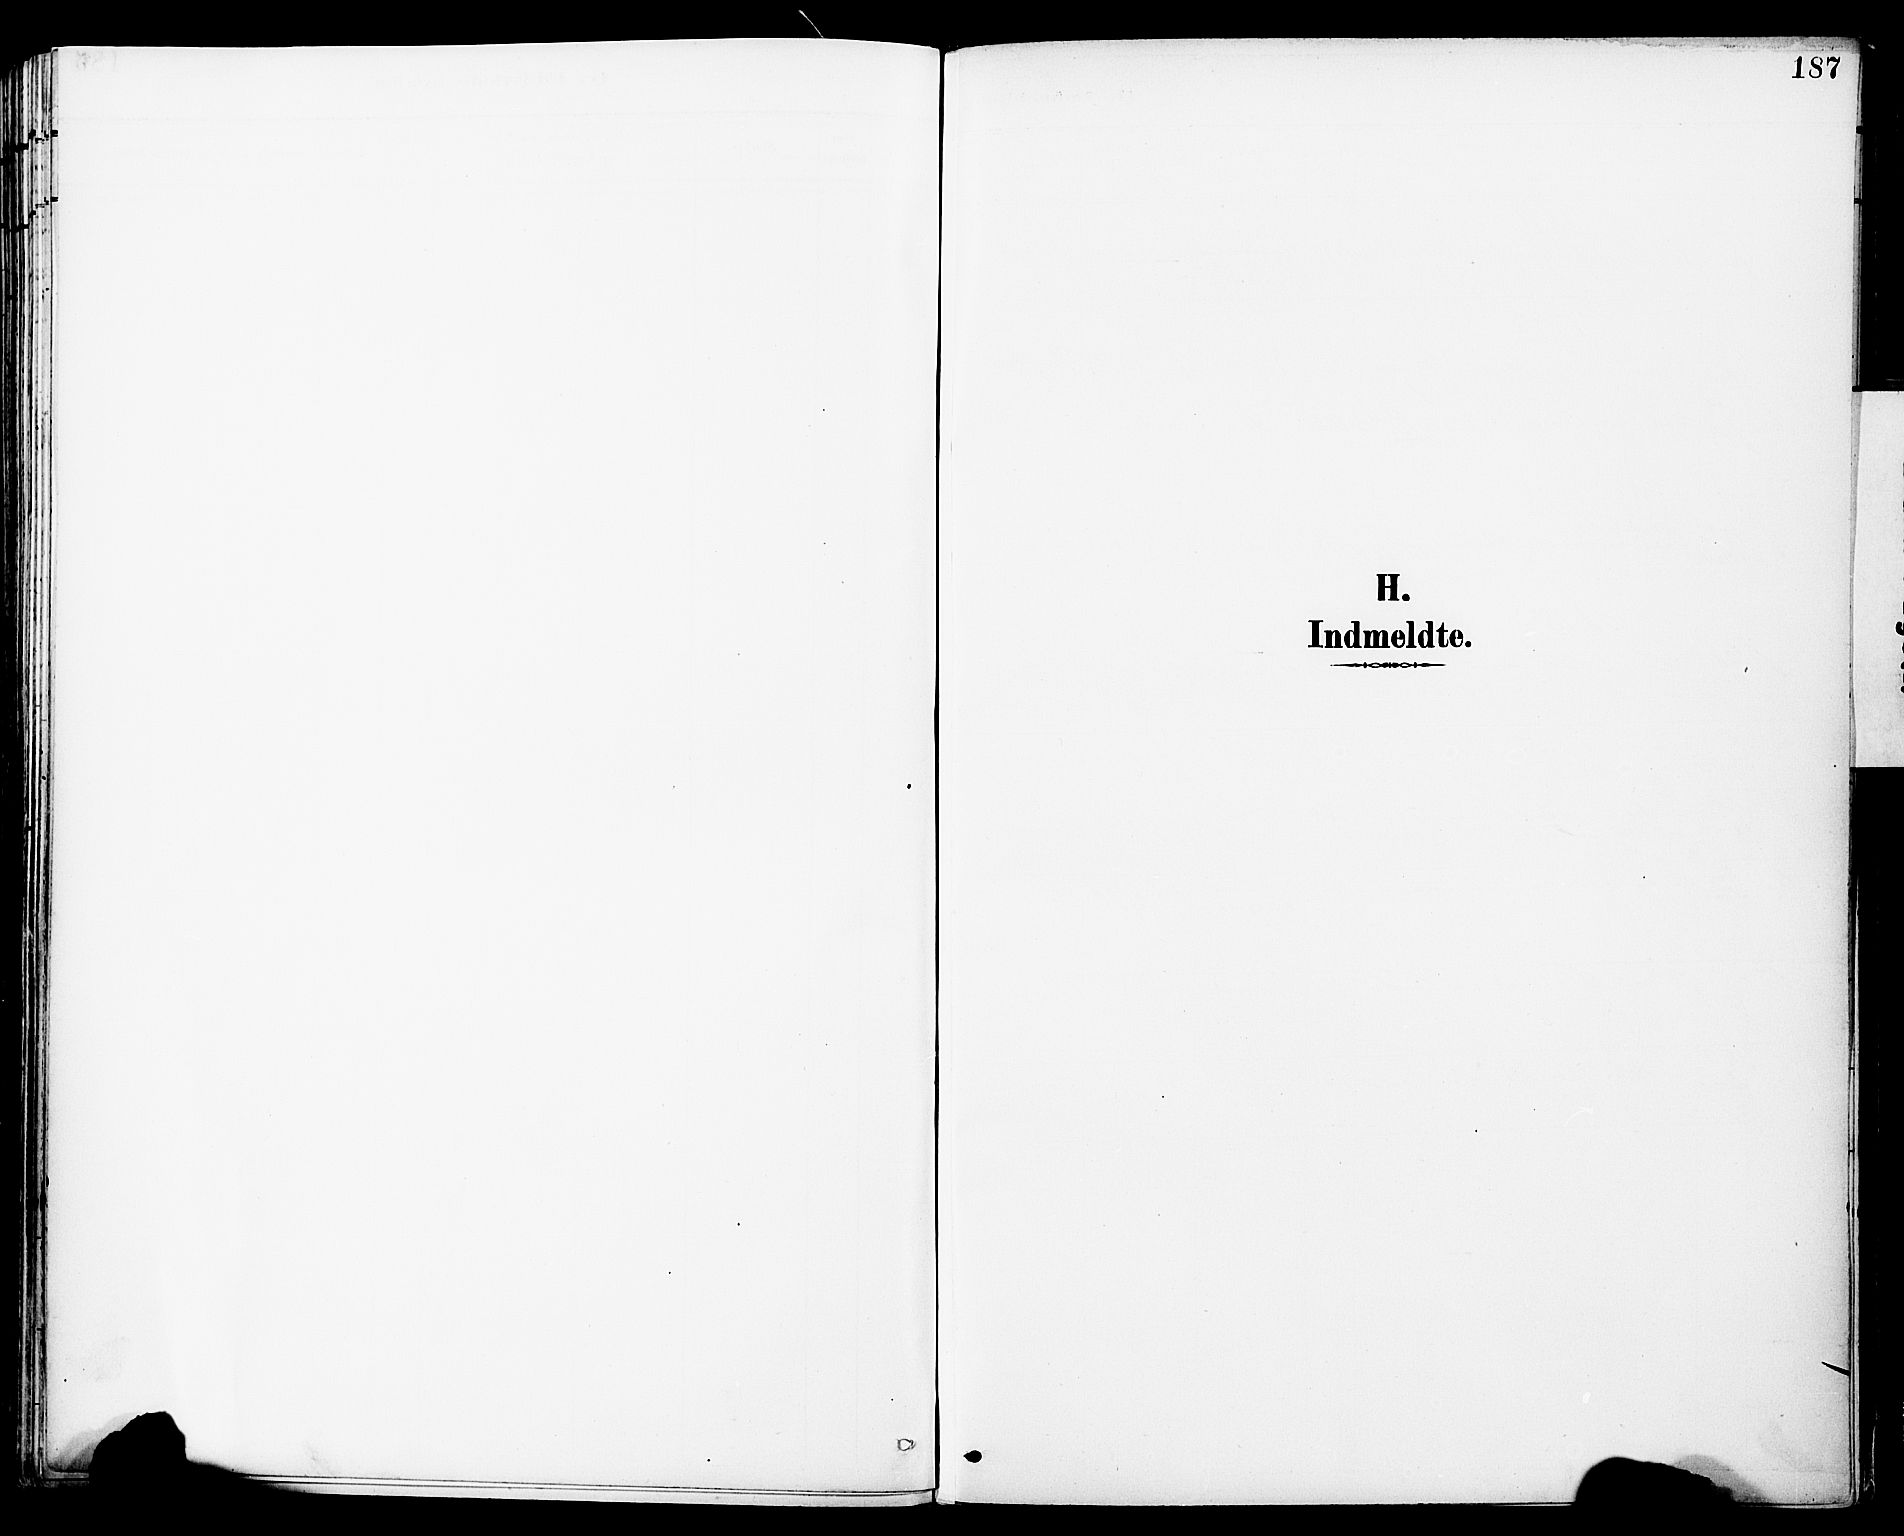 SAT, Ministerialprotokoller, klokkerbøker og fødselsregistre - Sør-Trøndelag, 681/L0935: Ministerialbok nr. 681A13, 1890-1898, s. 187